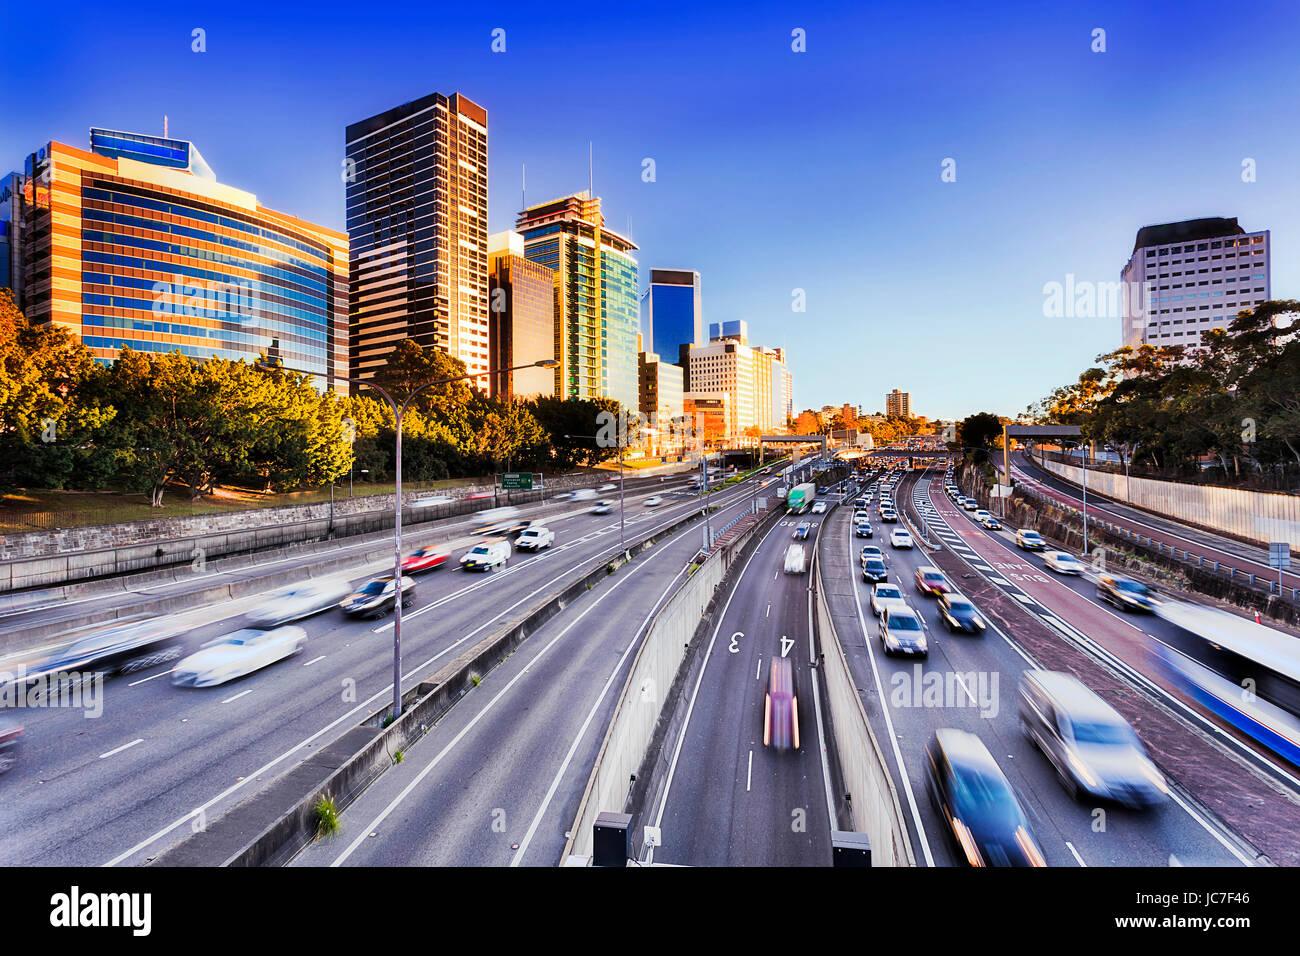 Mañana acelerar el tráfico en la autopista Warringah portátil in North Sydney durante la hora punta. Imagen De Stock